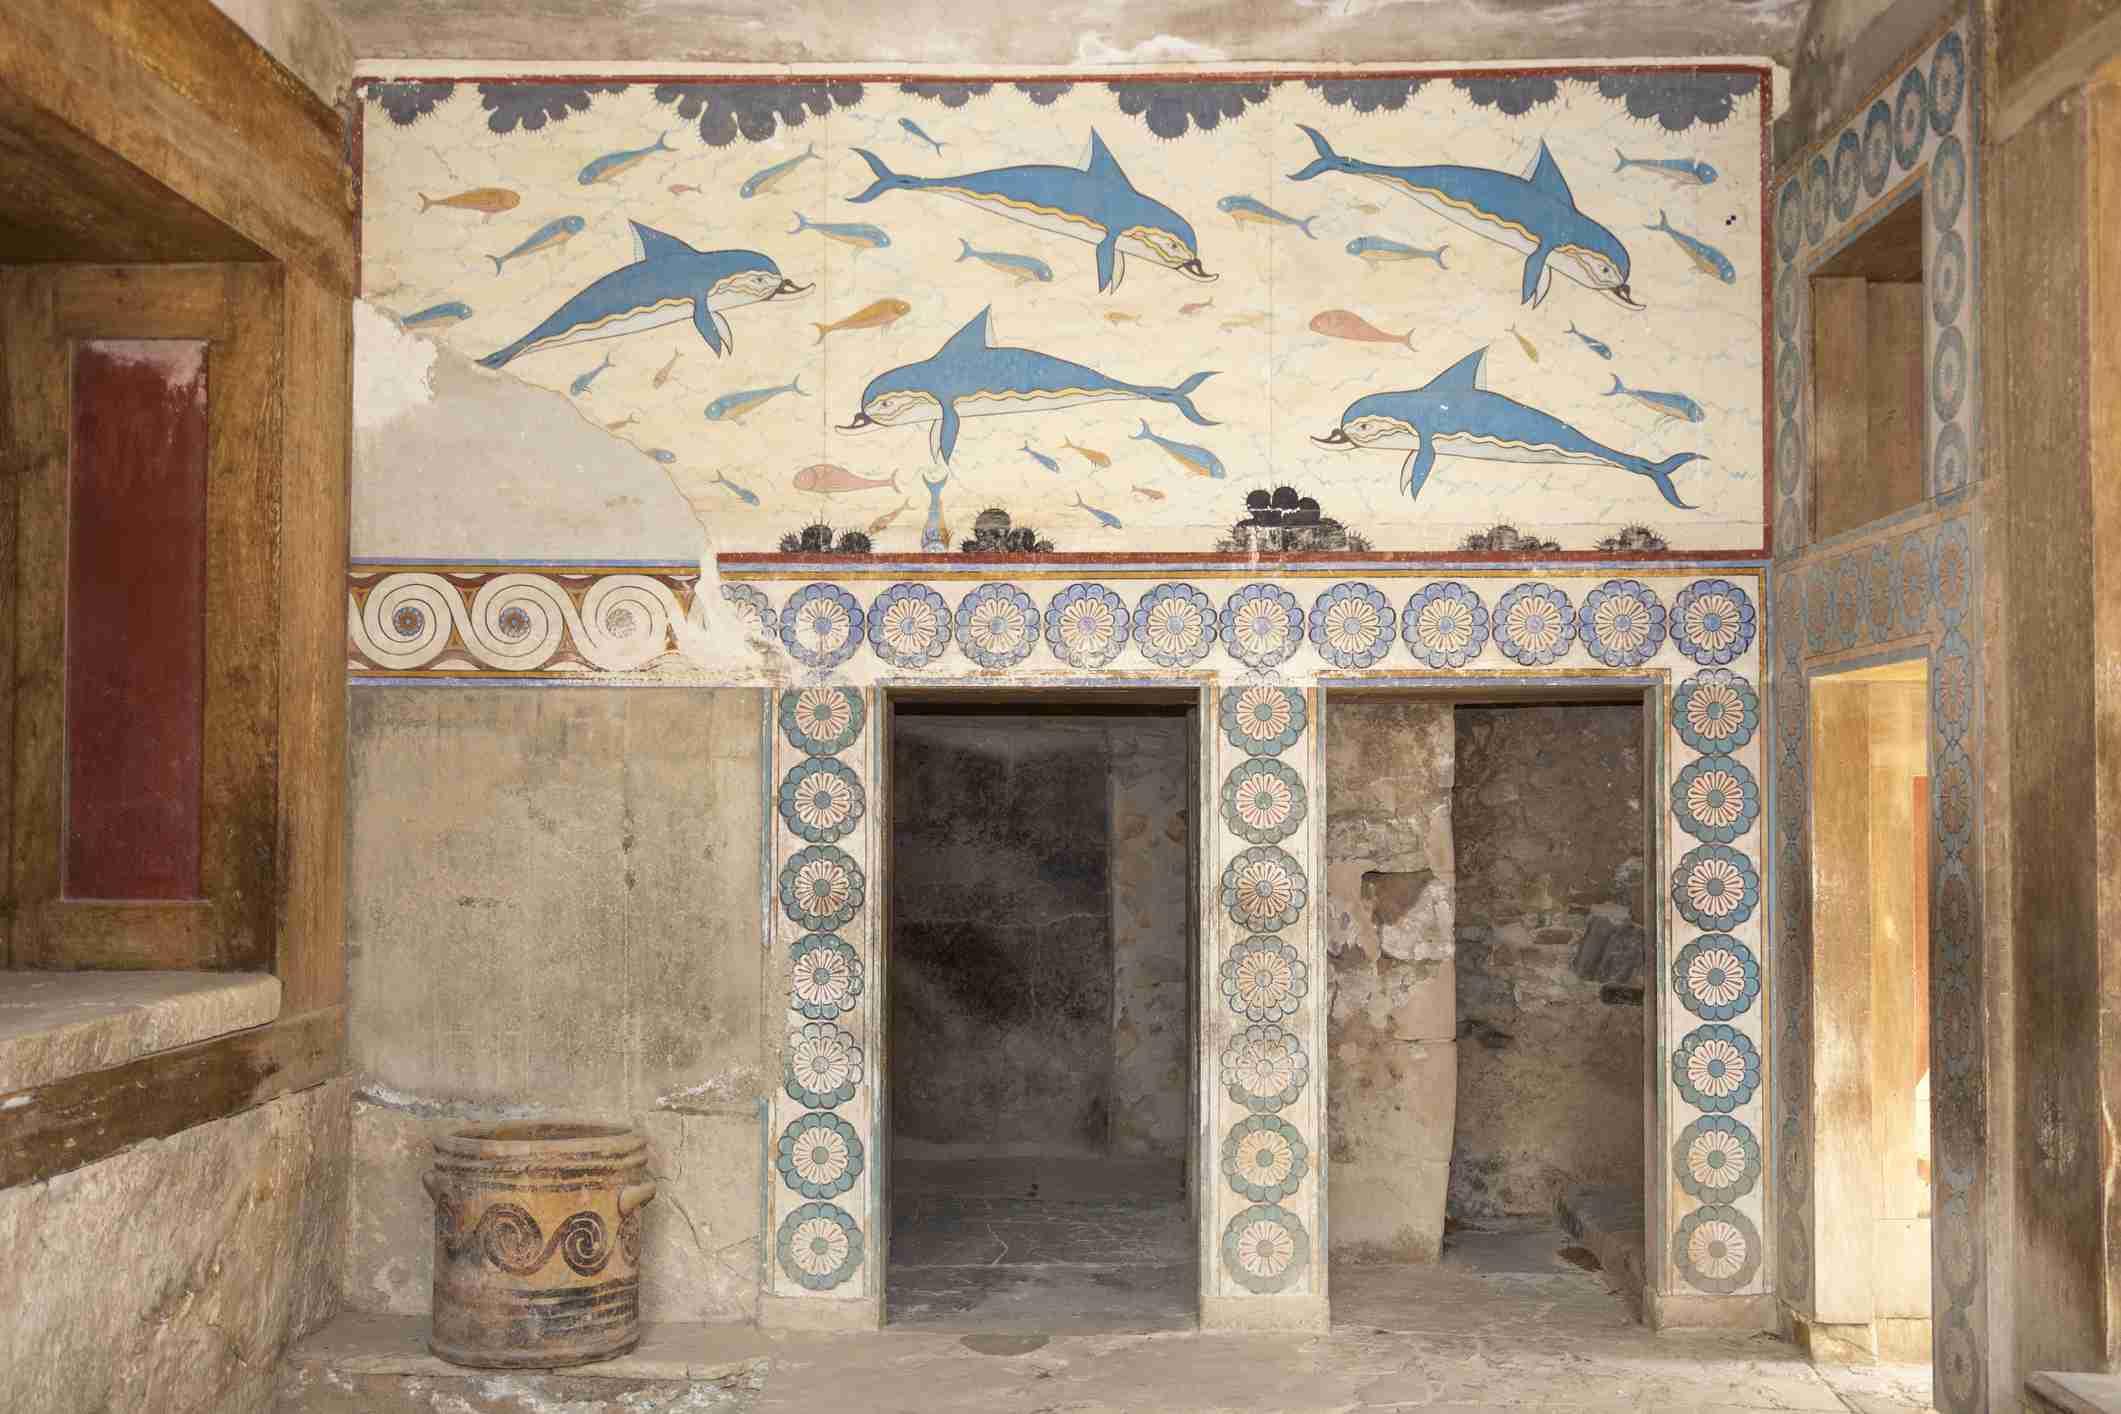 Fresco de delfines en el Megarón de la Reina, Knossos Palacio, Knossos, Creta, Grecia